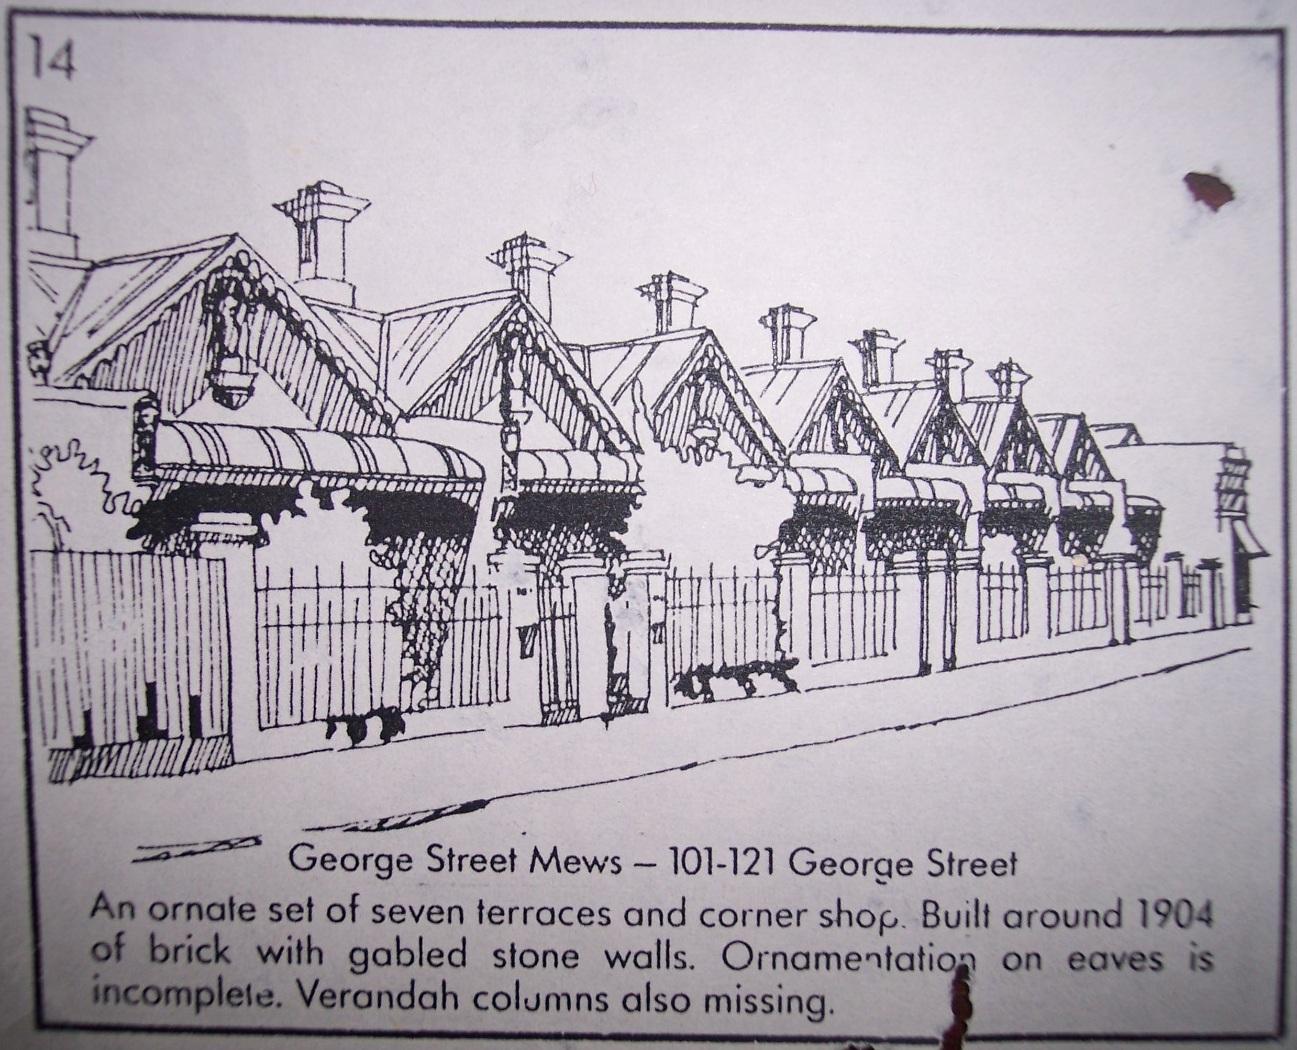 107-121 George Street